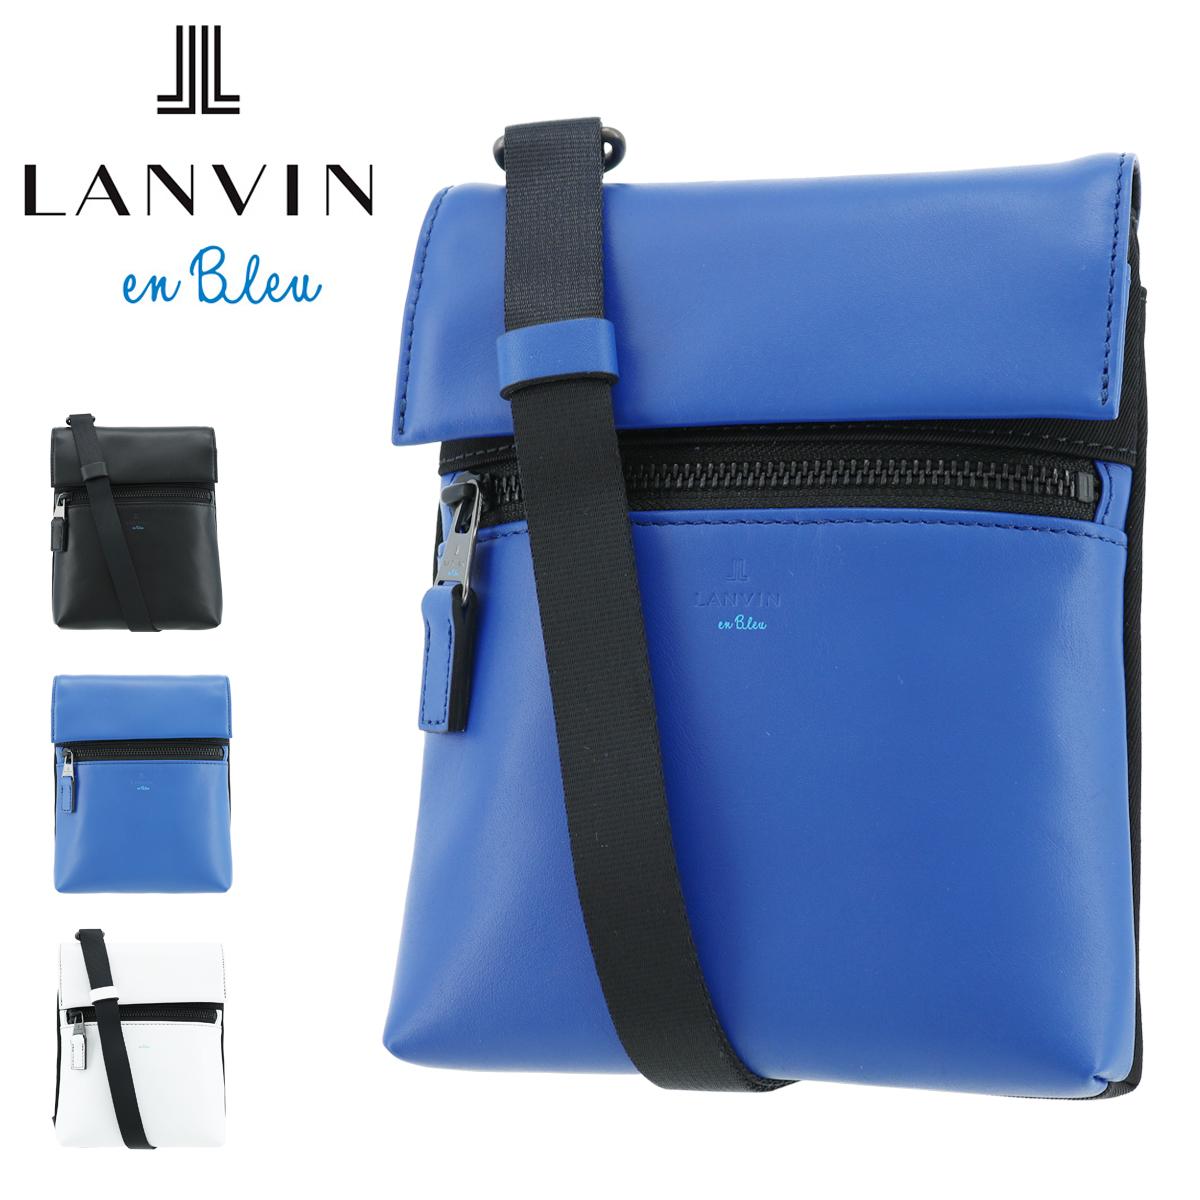 ランバンオンブルー ショルダーバッグ レオ メンズ 583111 LANVIN en Bleu | ミニショルダー 斜め掛け 牛革 本革 レザー[PO10]